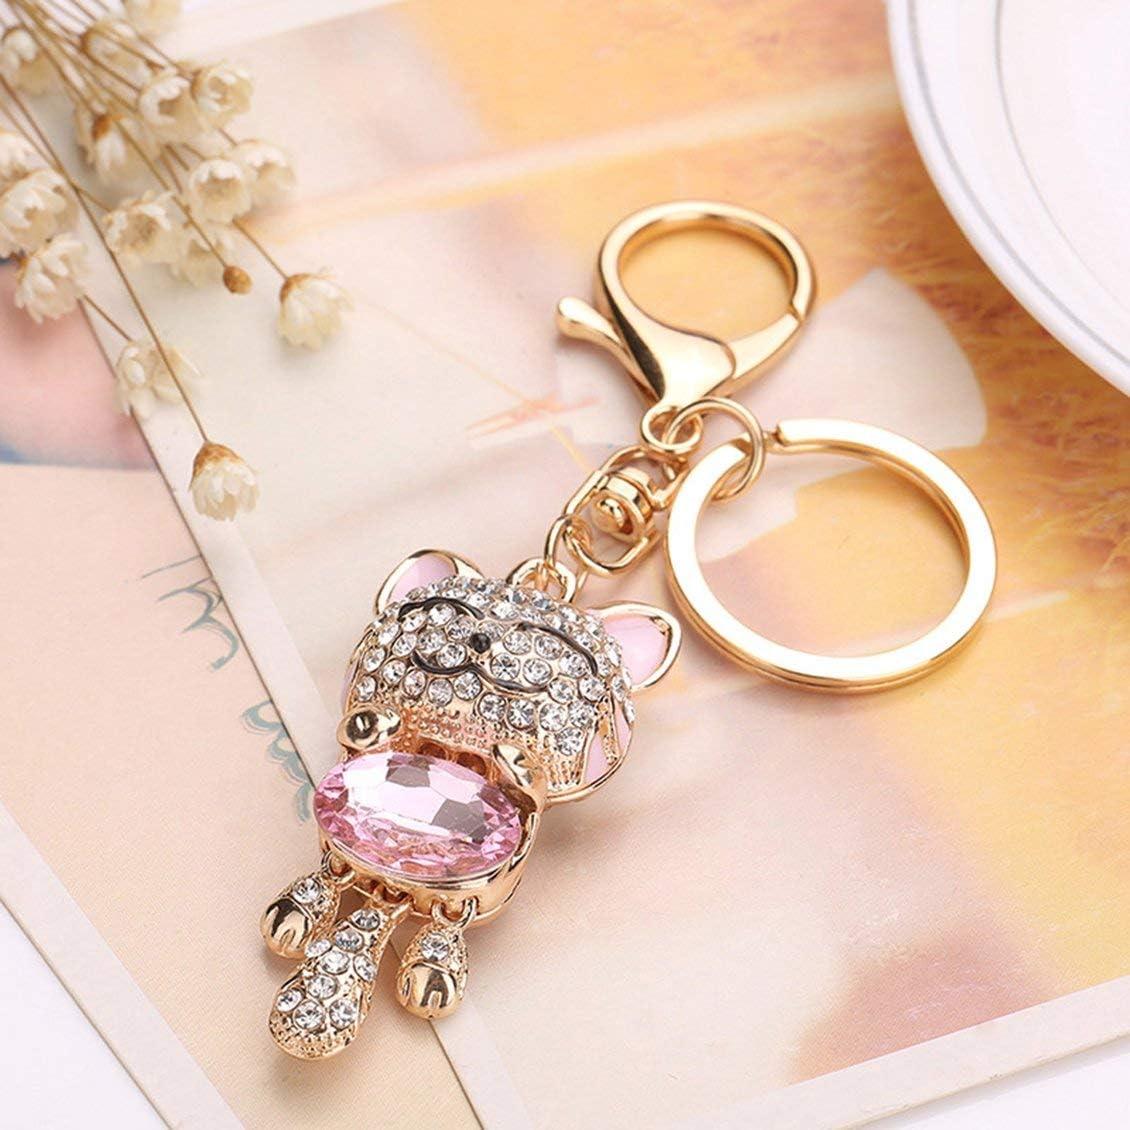 Rose Pgige Diamant Chat Porte-Bonheur Chat Mignon Bijou Chaton Porte-cl/és Sac Voiture Pendentif